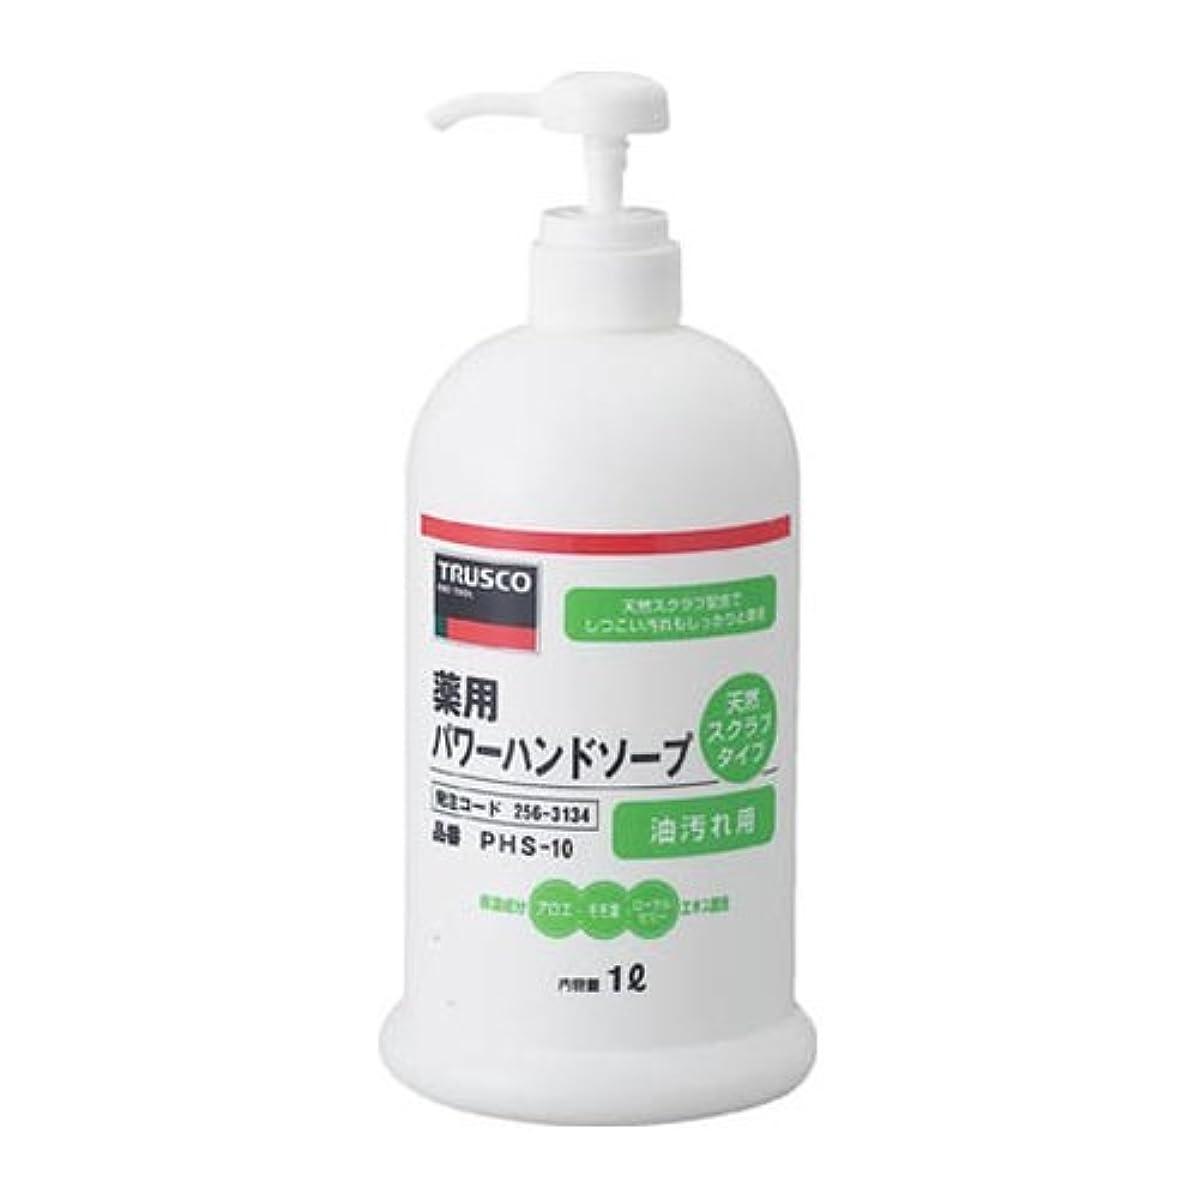 リール衝撃霜TRUSCO 薬用パワーハンドソープポンプボトル1.0L